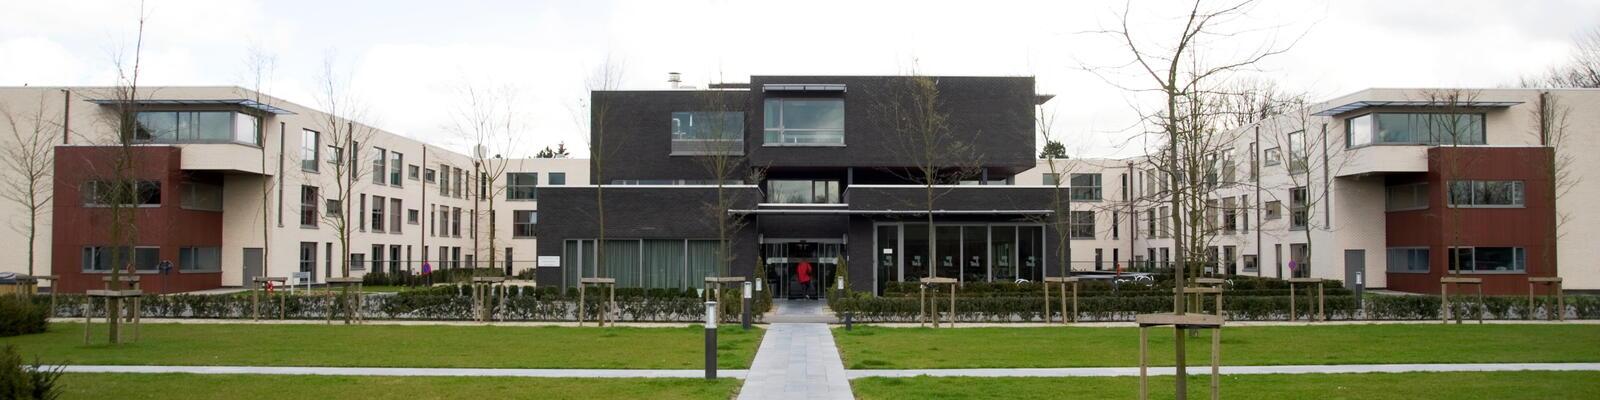 Woonzorgcentrum De Liberteyt gebouw